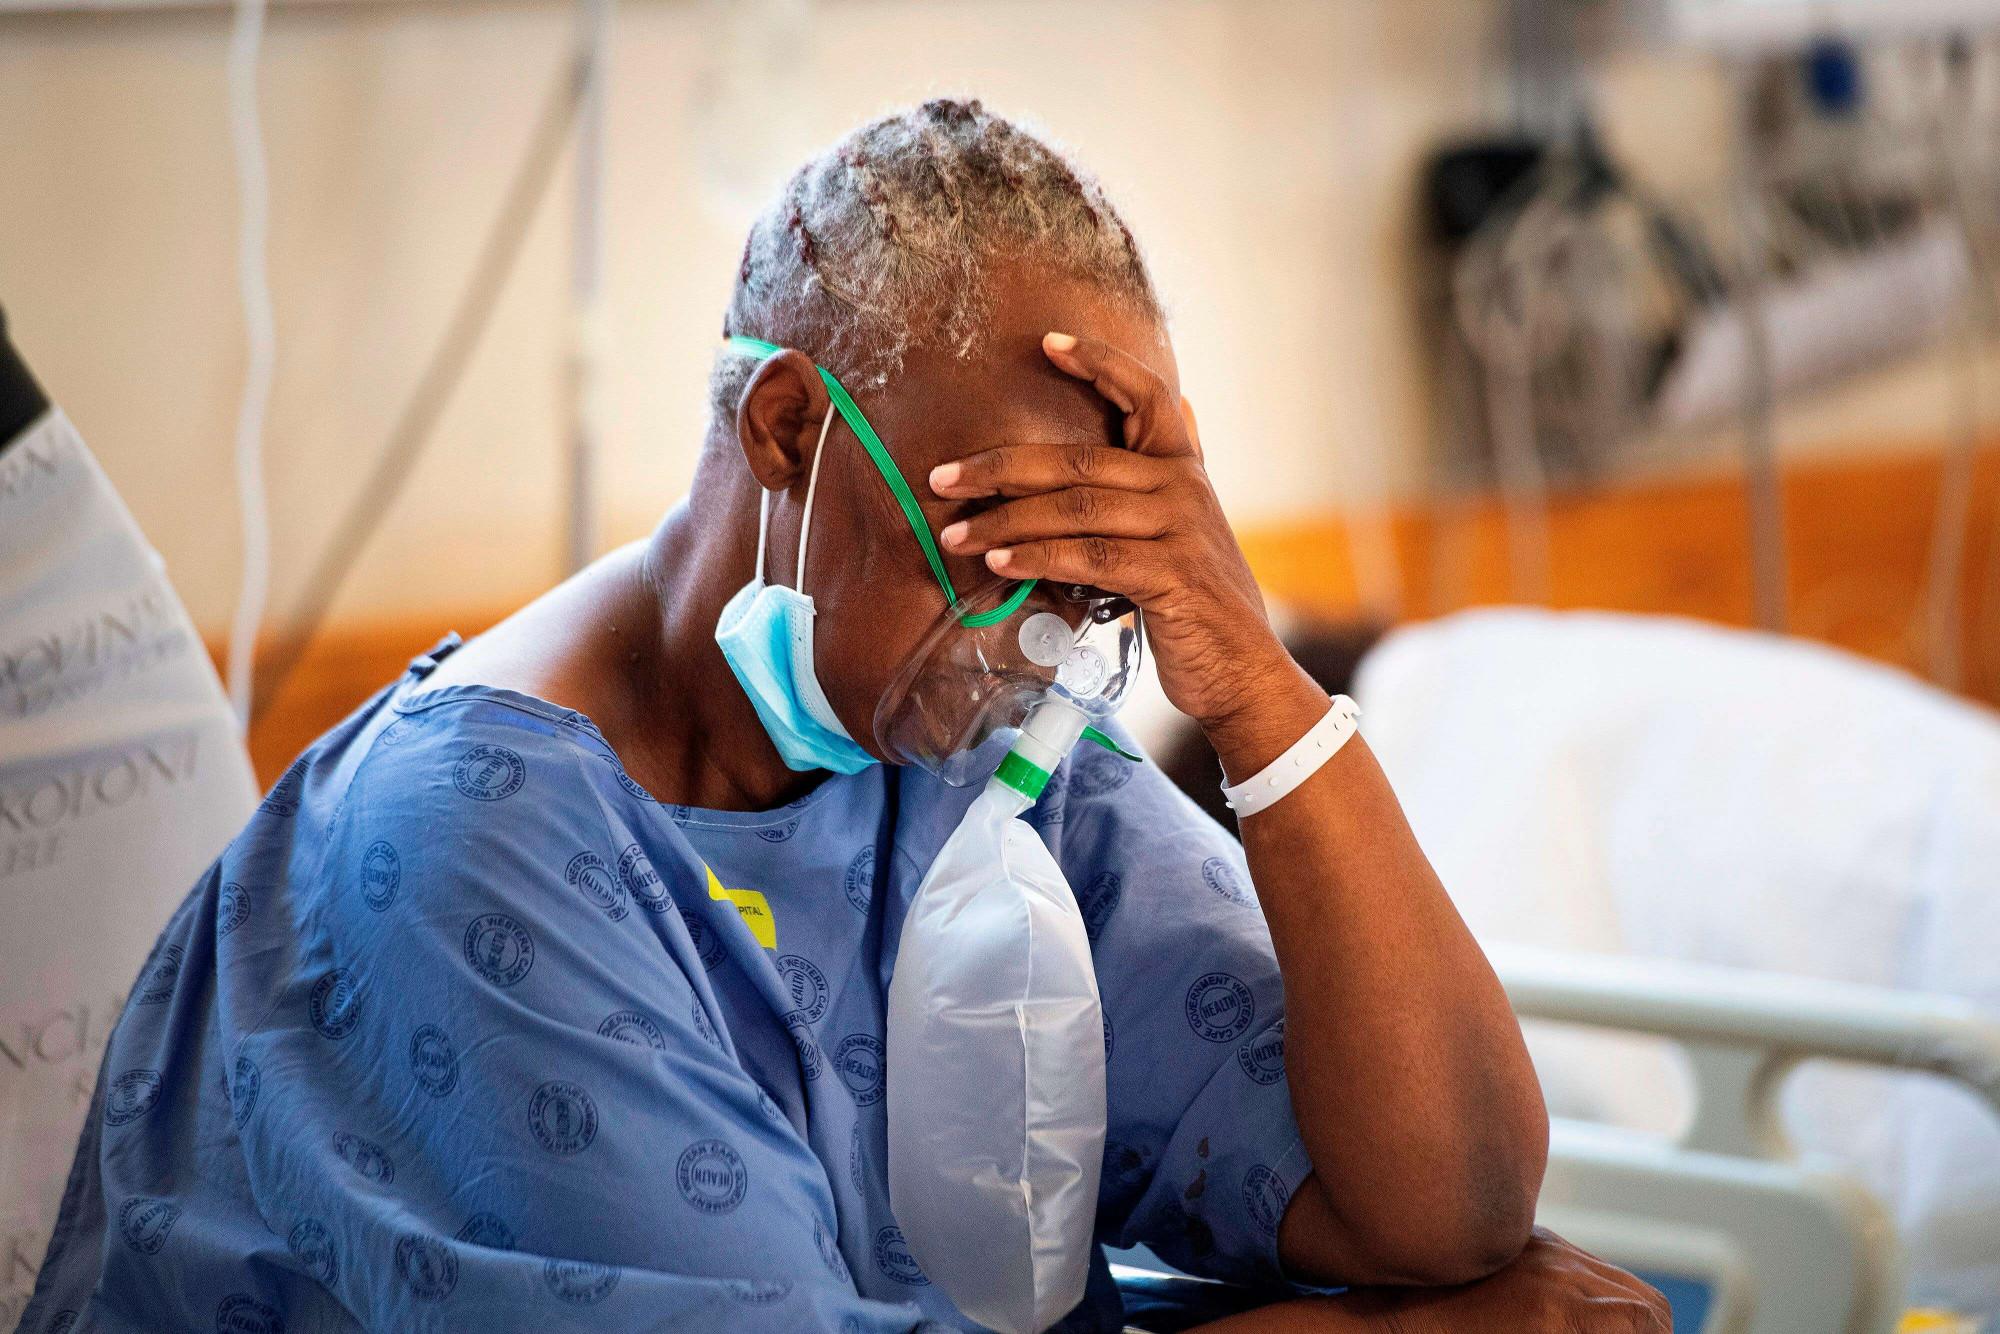 Một bệnh nhân phải thở ô-xi trong khi đang được điều trị COVID-19 tại bệnh viện Khayelitsha (Nam Phi) - Ảnh: Rodger Bosch / Getty Images